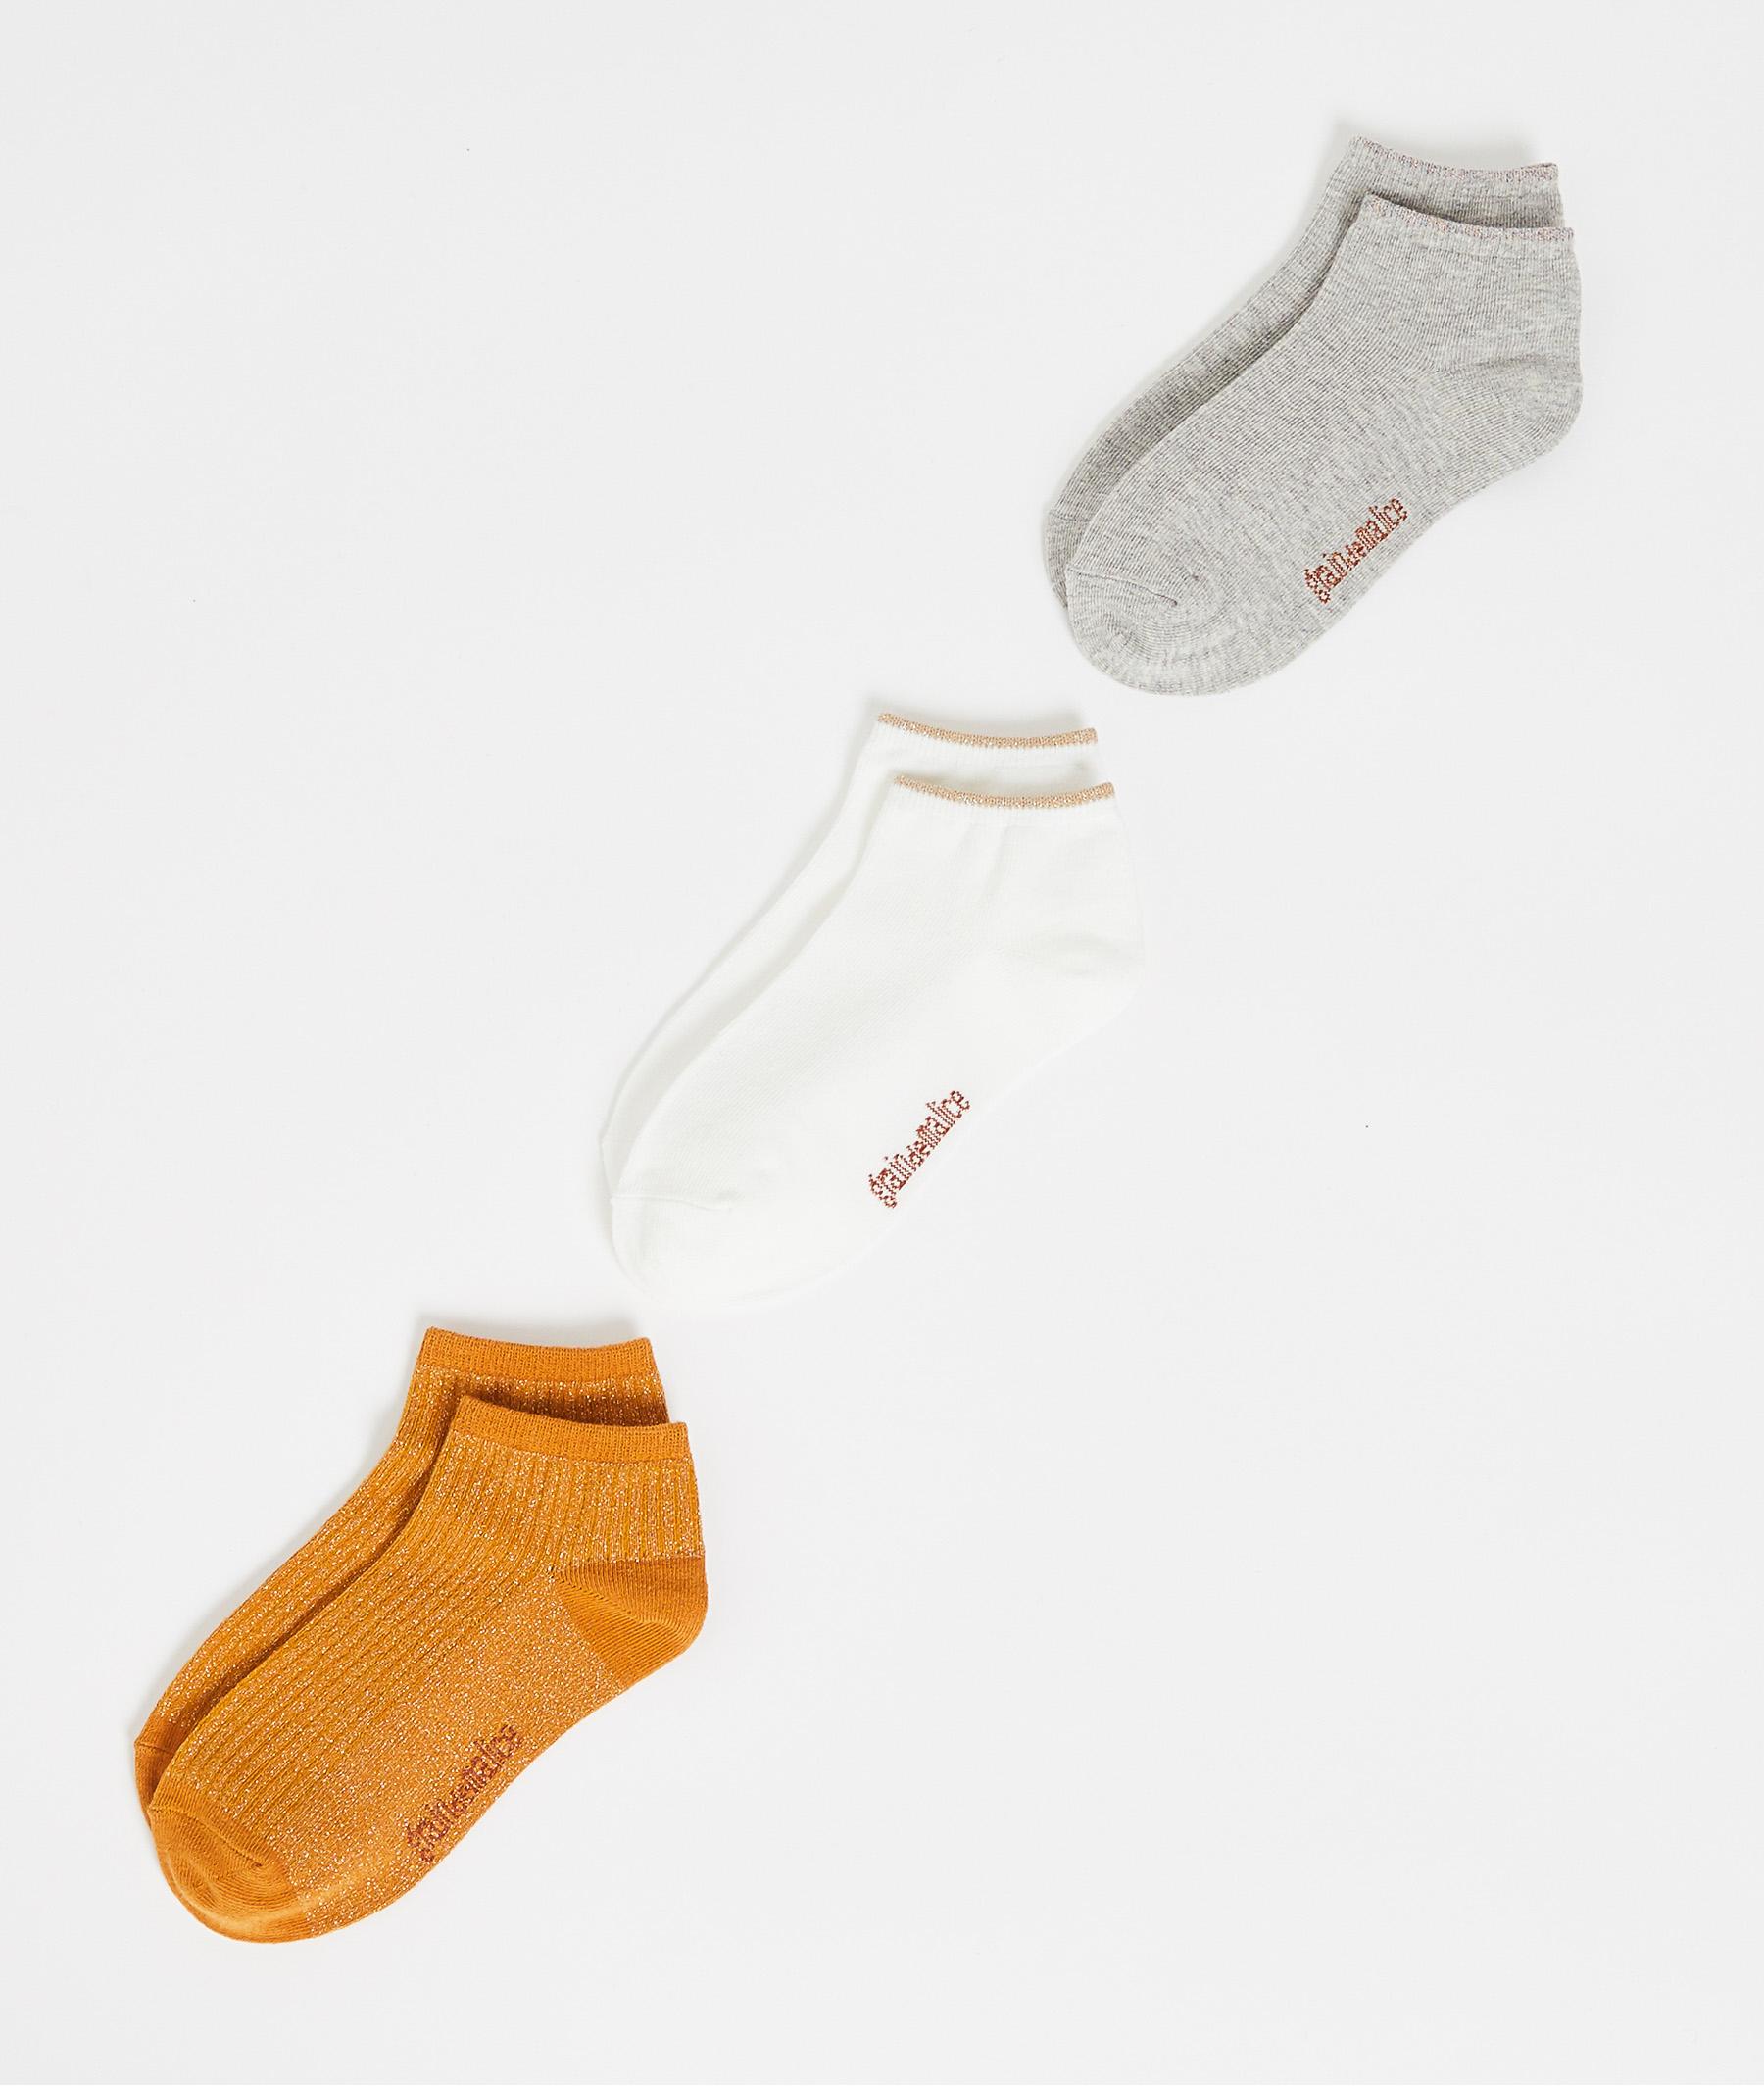 Lot de 3 paires de socquettes femme JAUNE